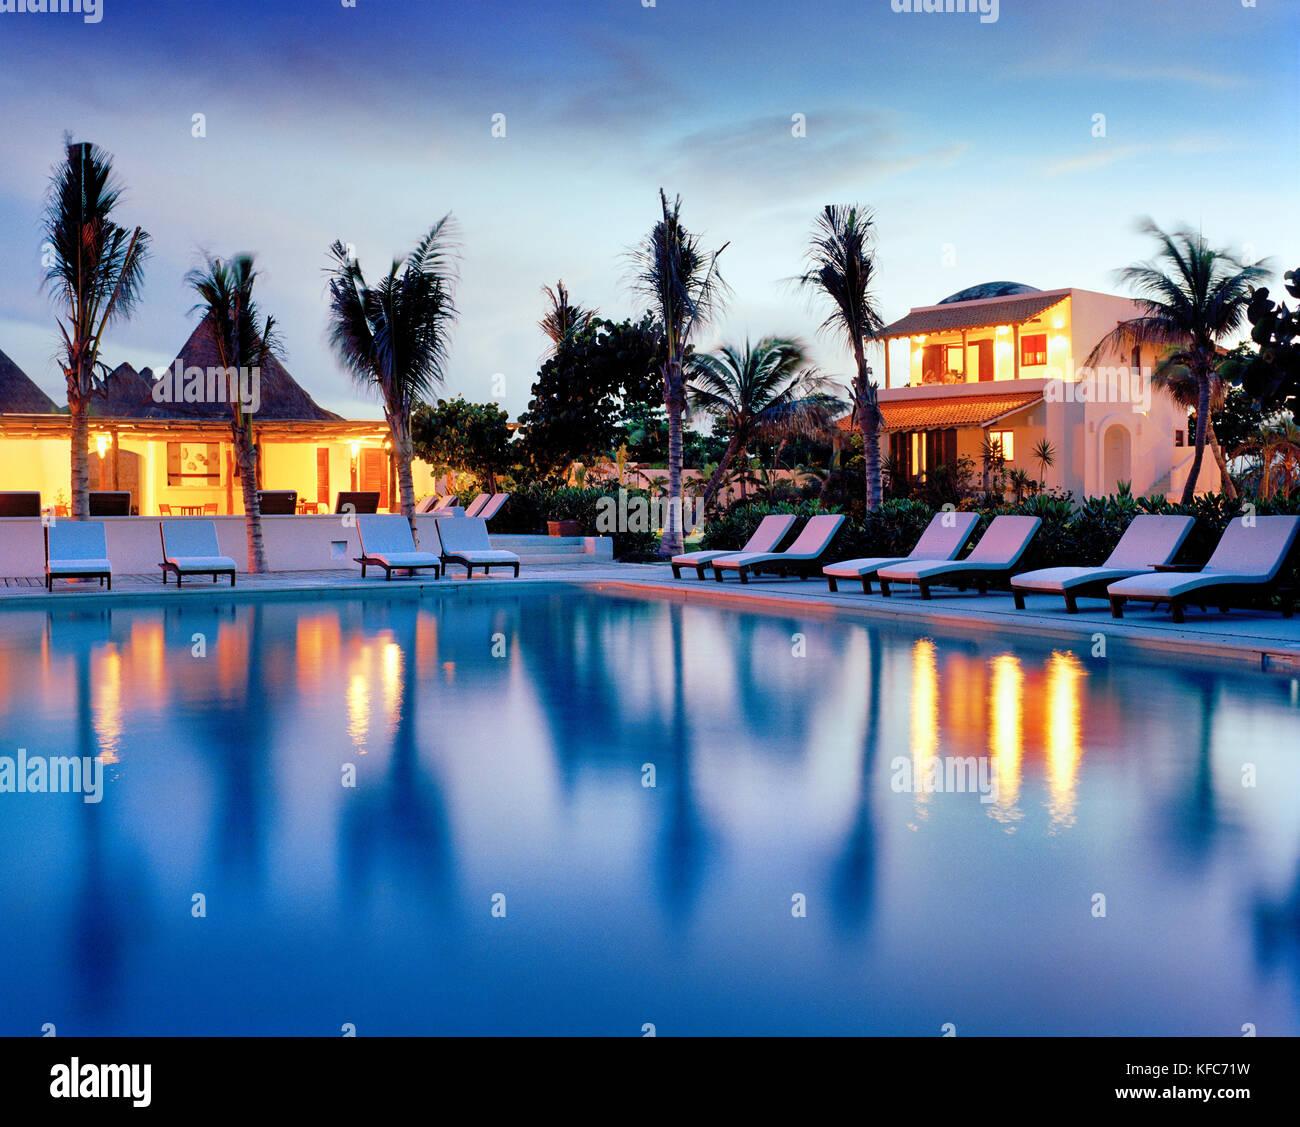 MEXICO, Maya Riviera, swimming pool at night, Esencia Hotel and Villas - Stock Image